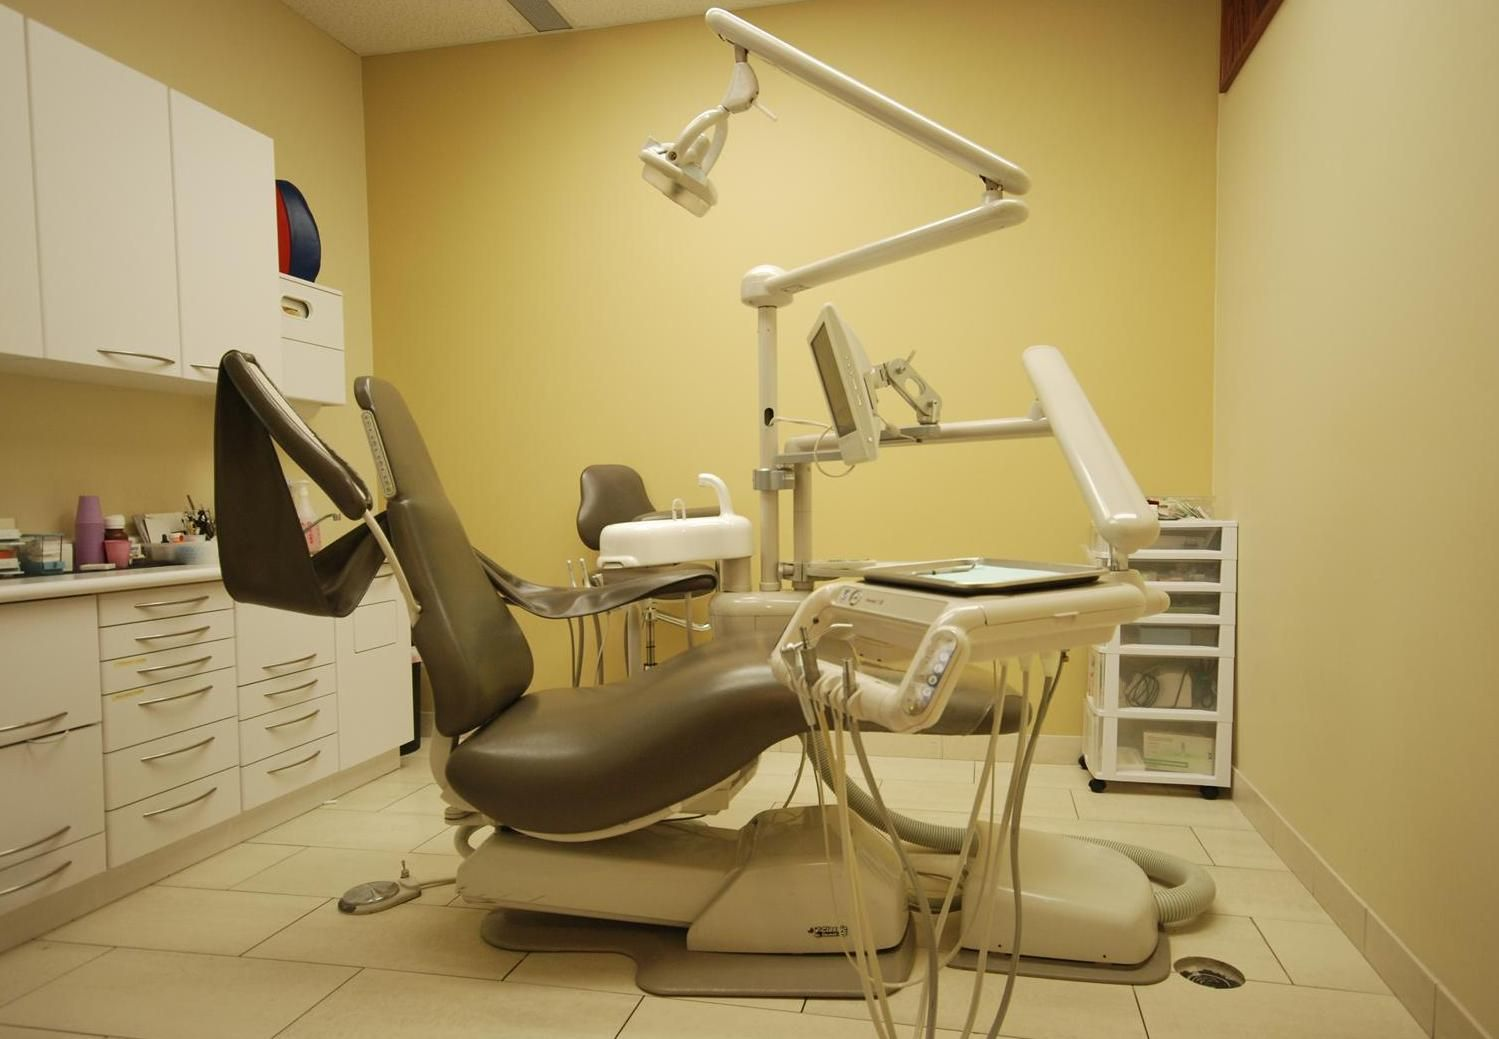 Superb 24 Hour Dentist Office Houston | Nearest Dental Care Clinic Near My Location